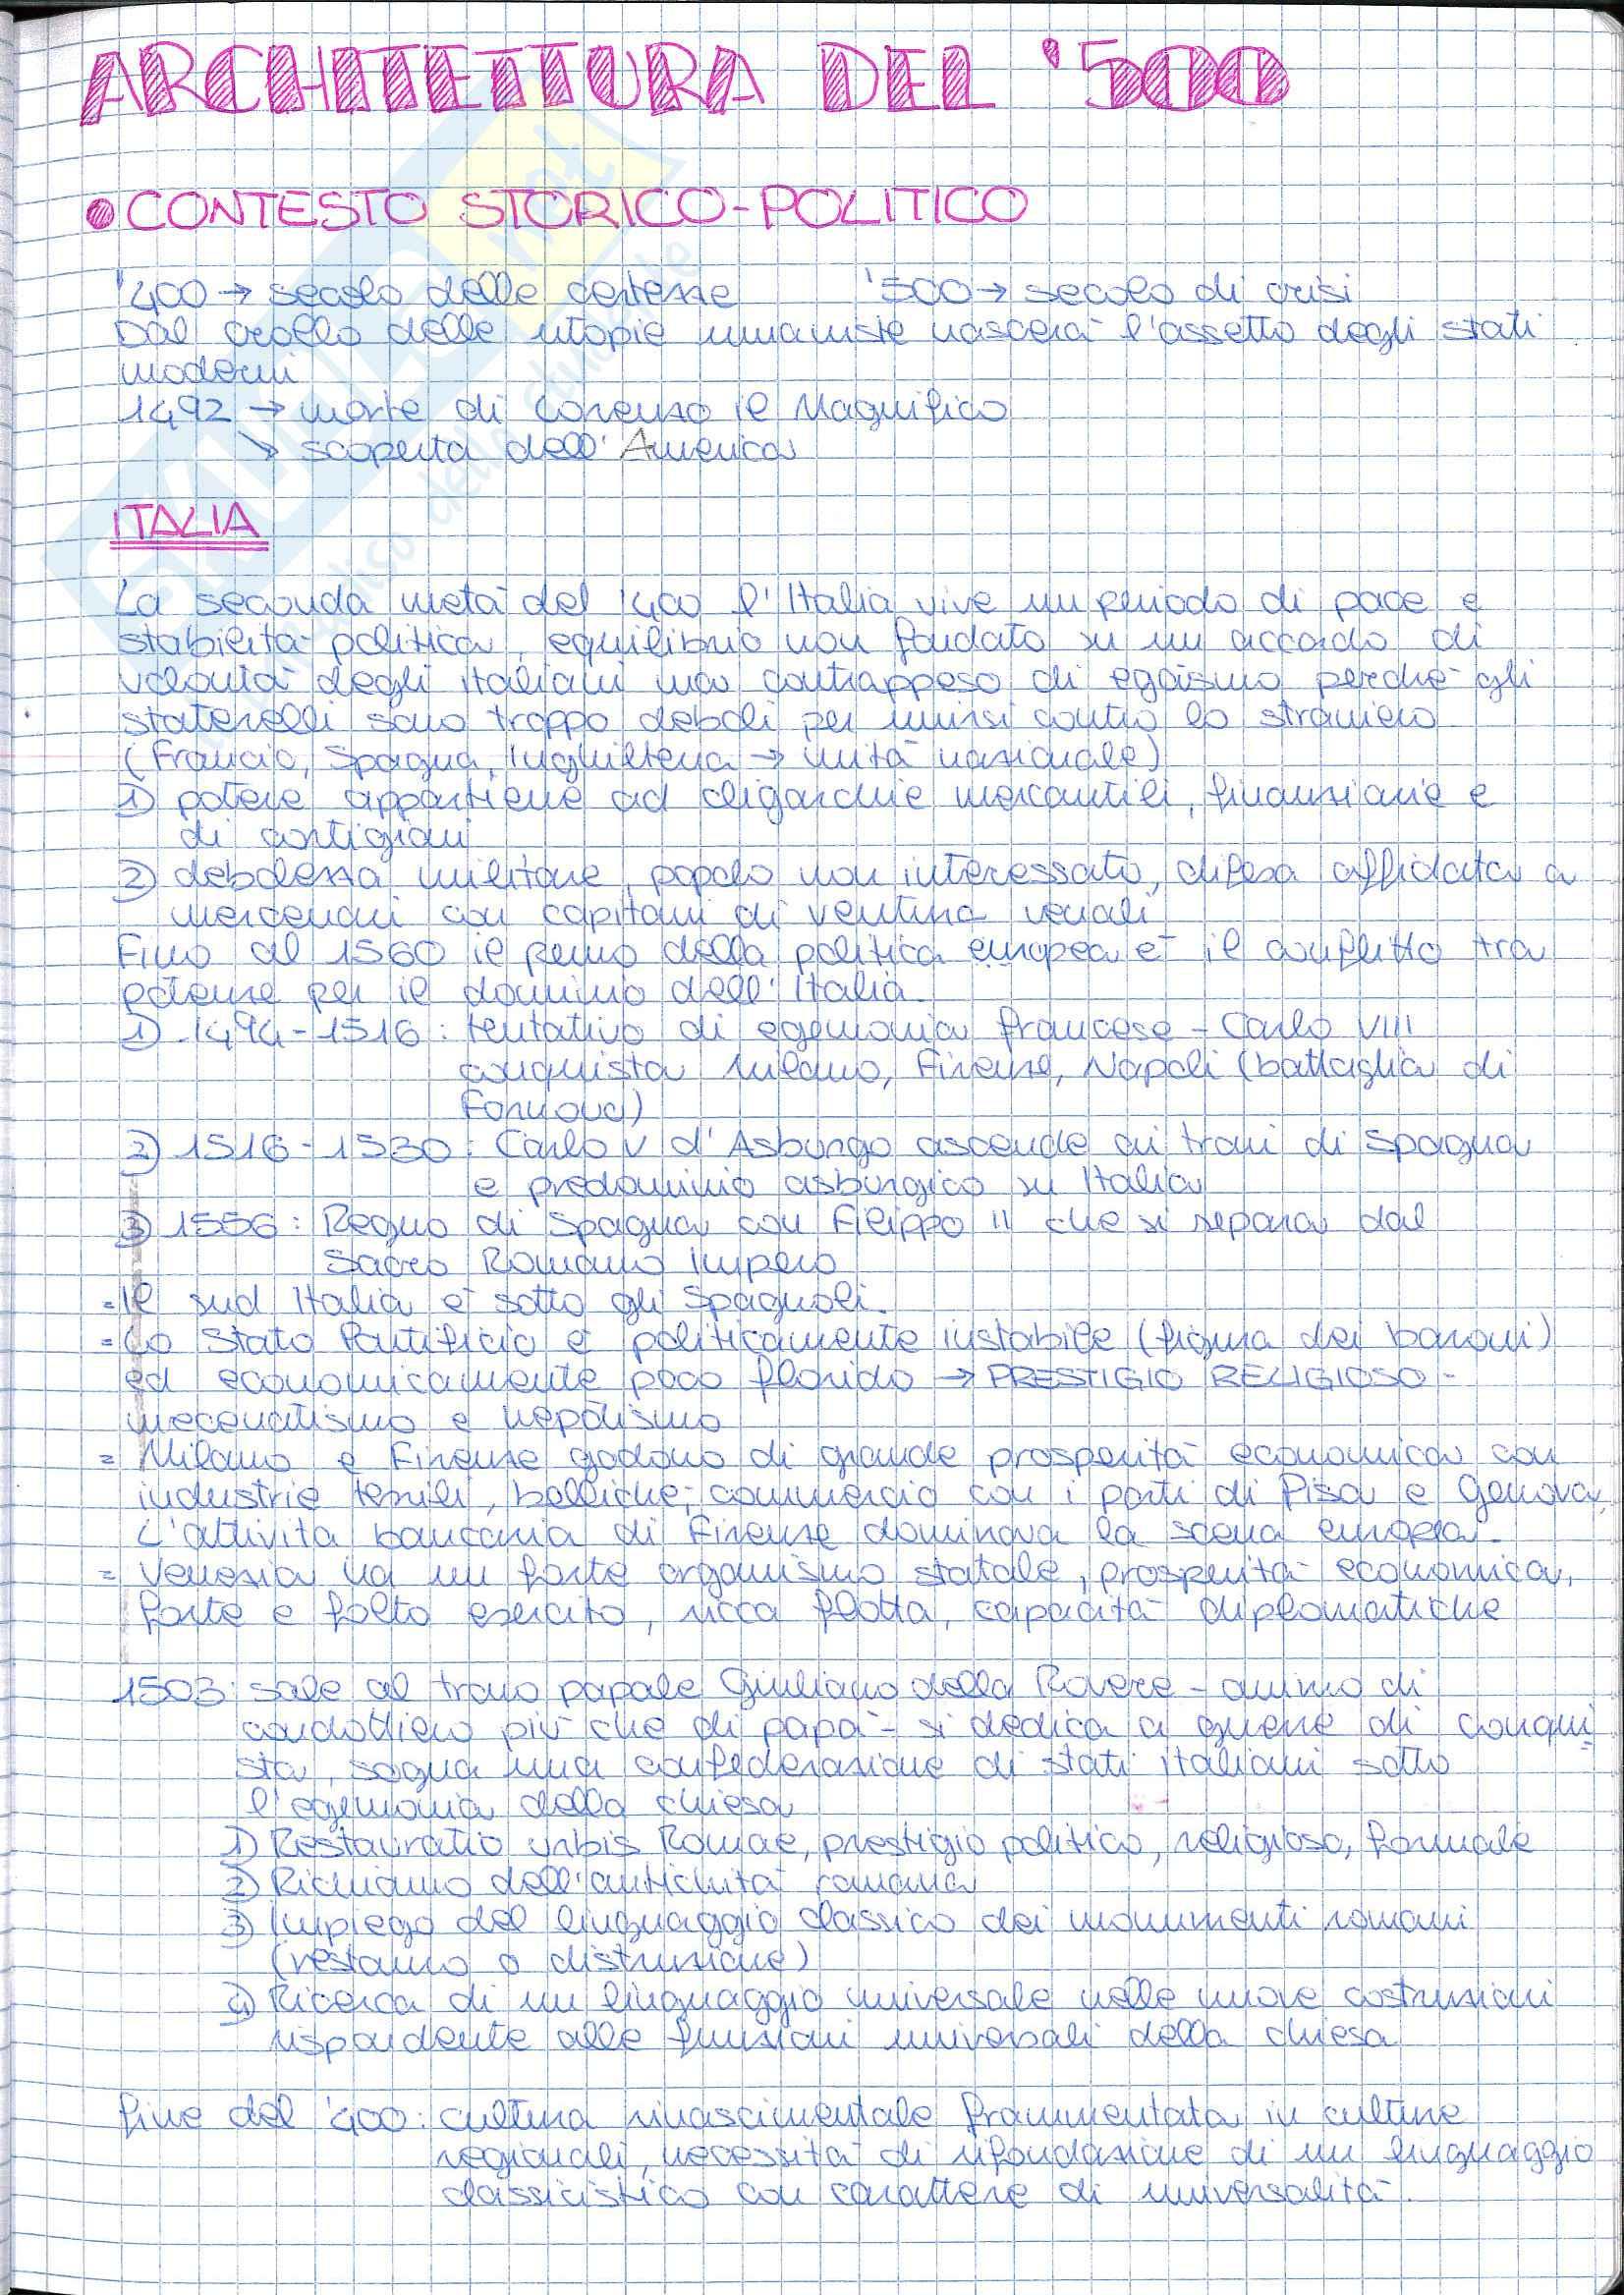 Riassunto esame Storia dell' Architettura ed Estetica, prof. Lerza, libro consigliato Architettura in Italia 1500-1600, W Lotz